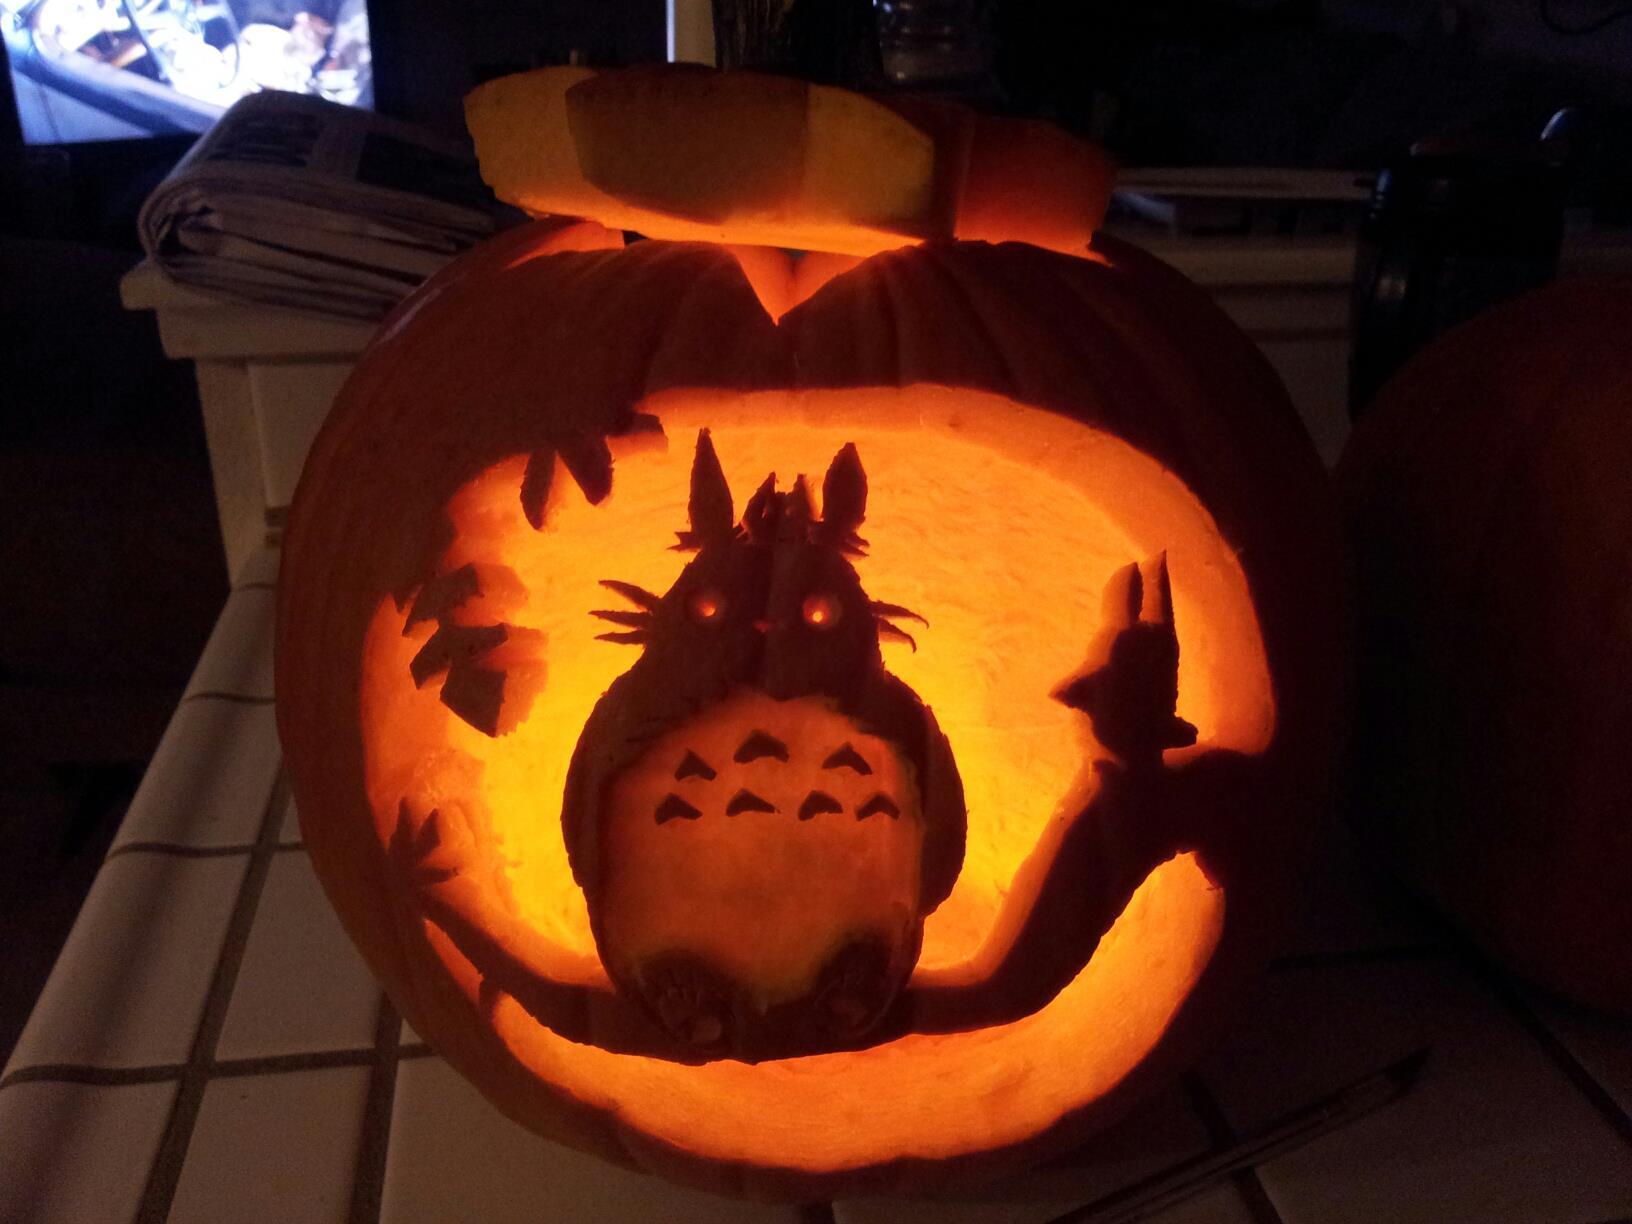 Totoro pumpkin carving by faye fox on deviantart